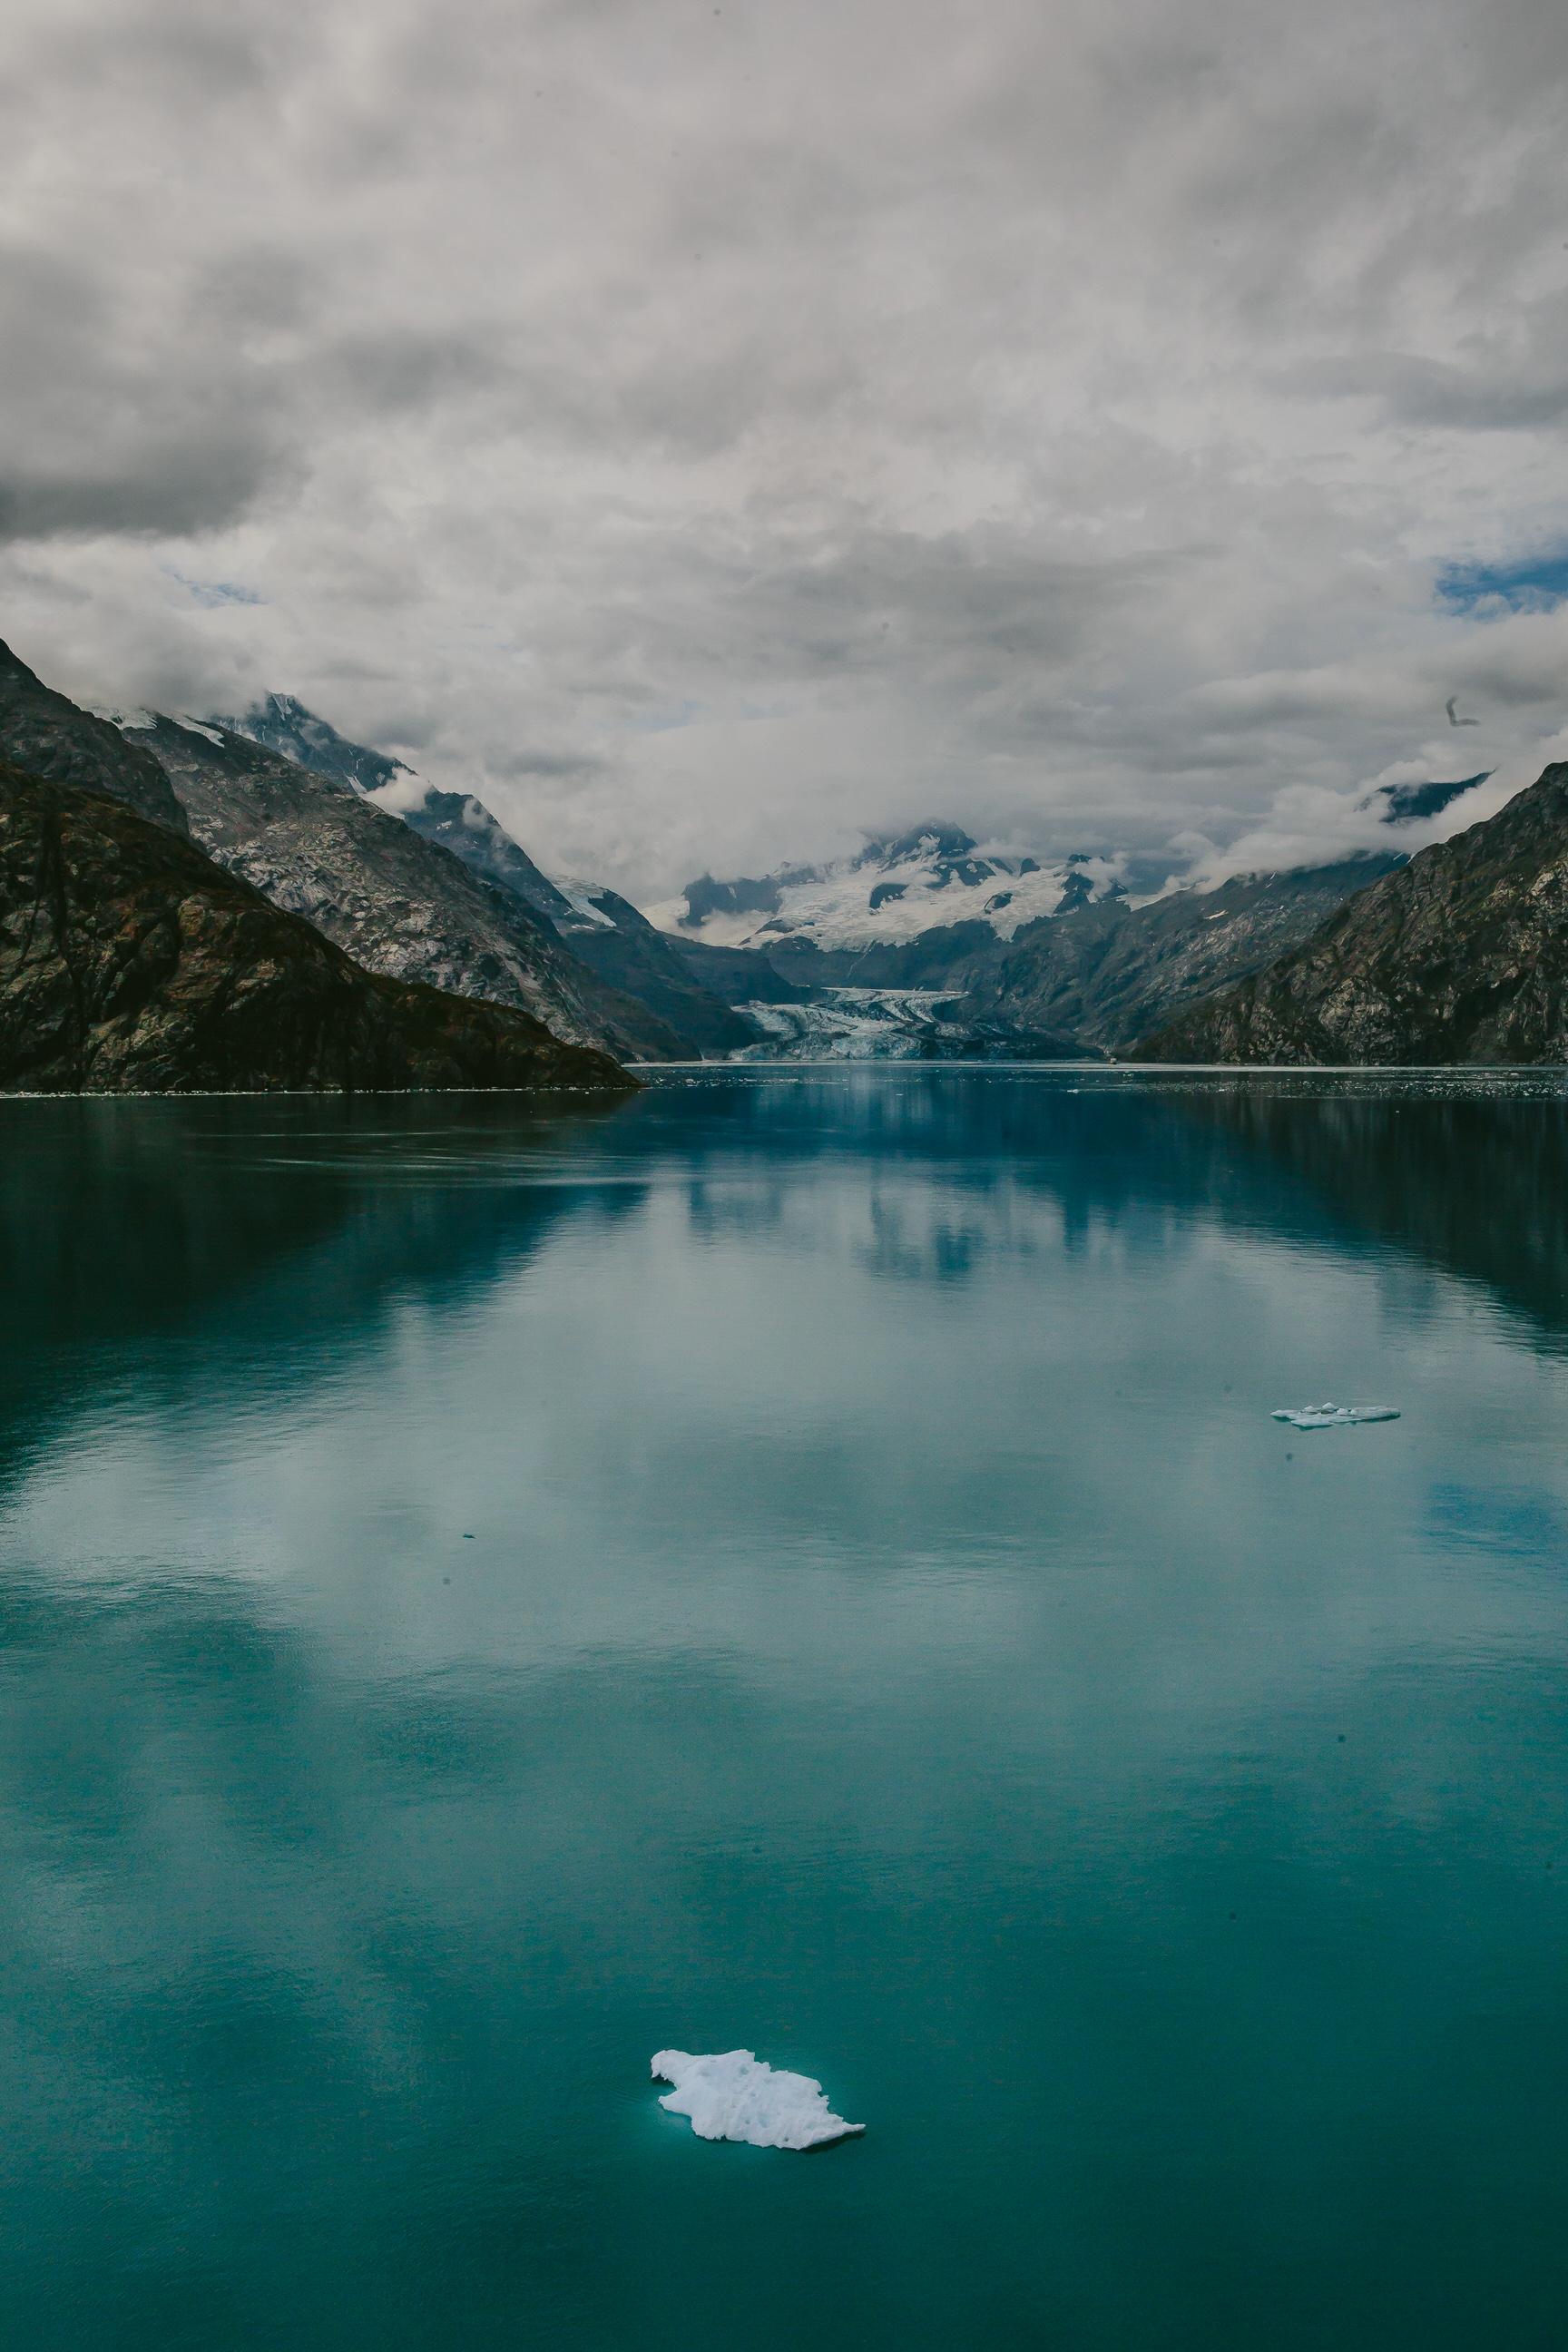 glacier_tiny_house_photo_vacation_alaska-1.jpg